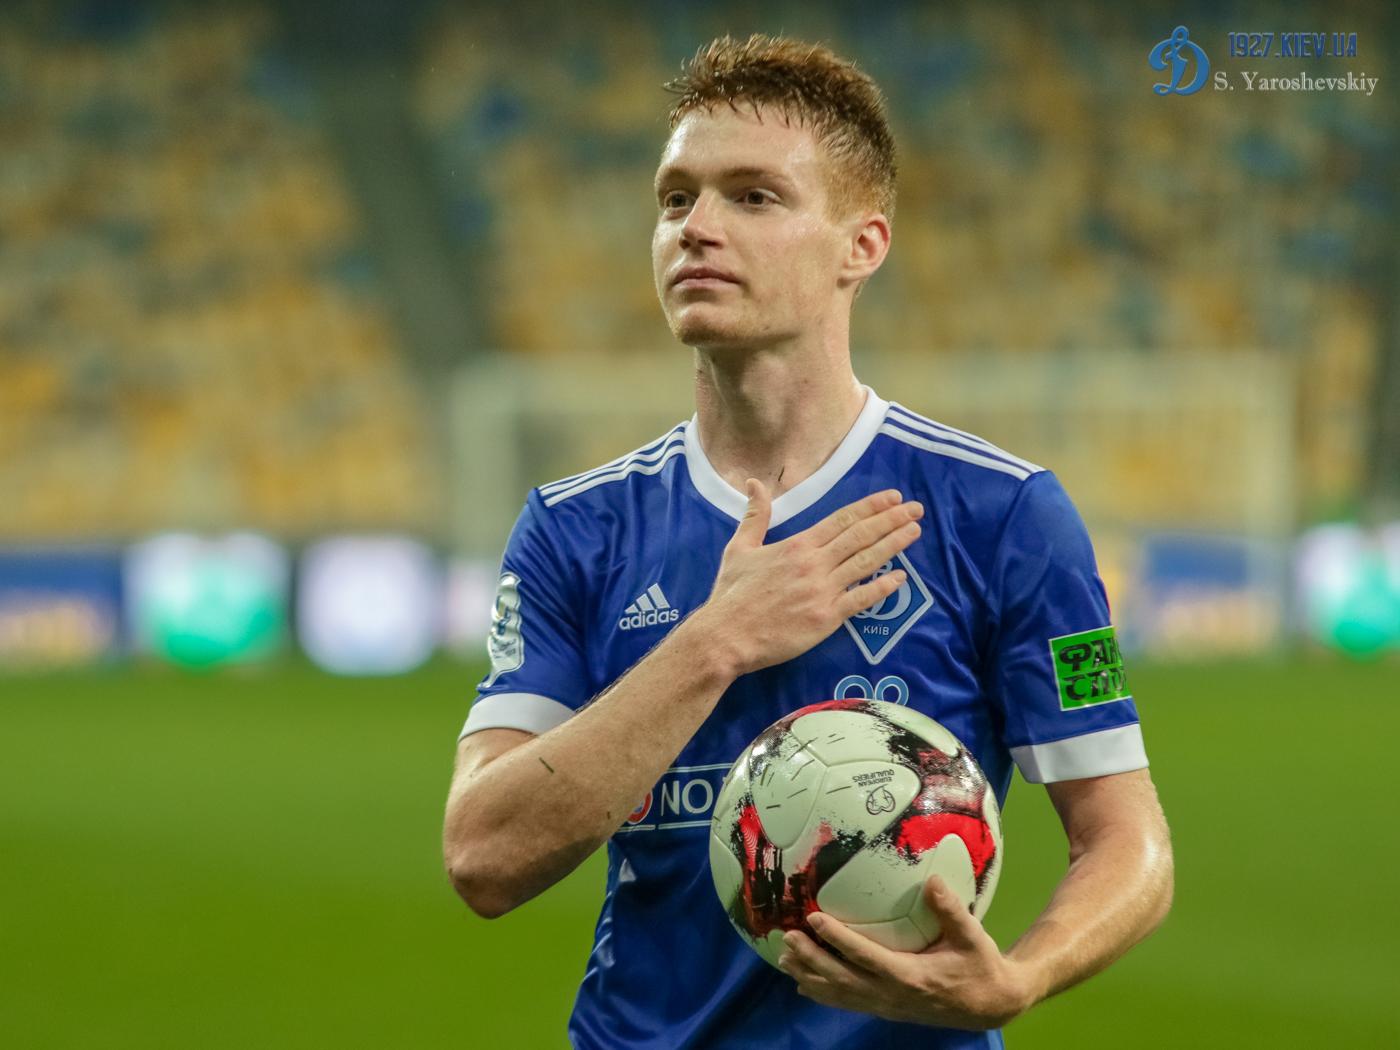 Федорчук дебютирует в Лиге чемпионов